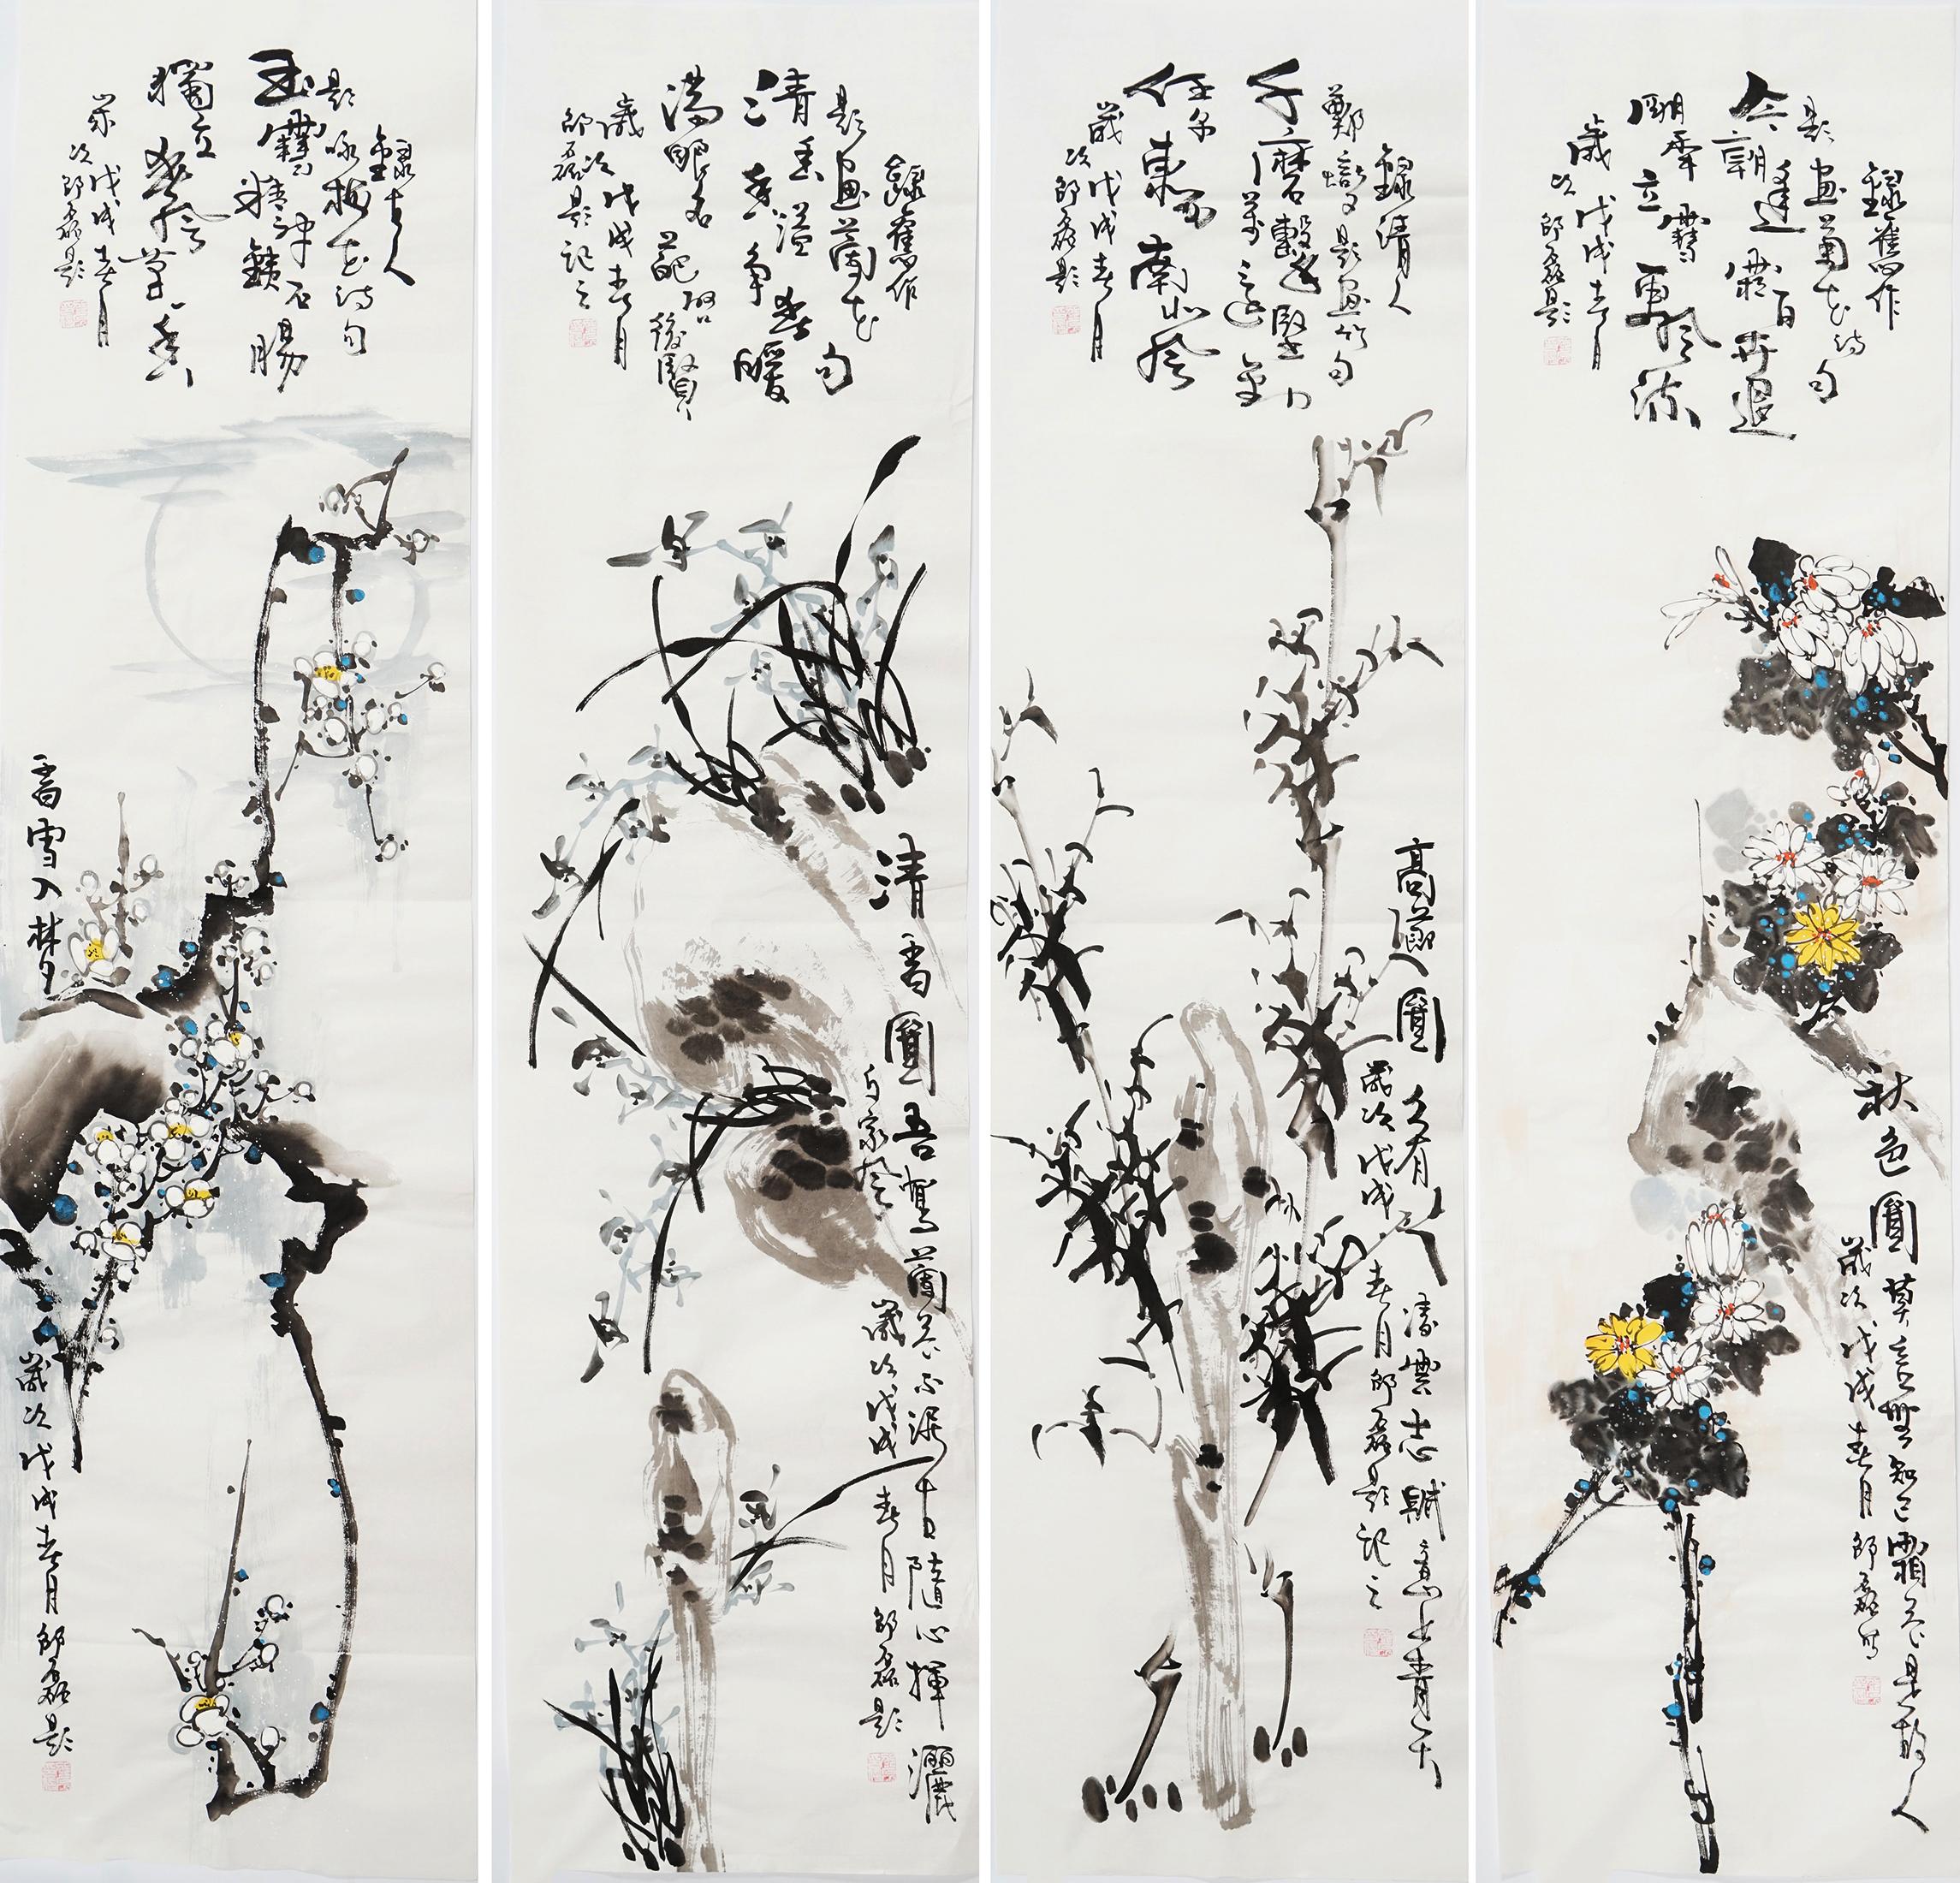 梅兰竹菊挂画客厅国画花鸟四条屏写意纯手绘水墨画装饰画邵磊0051